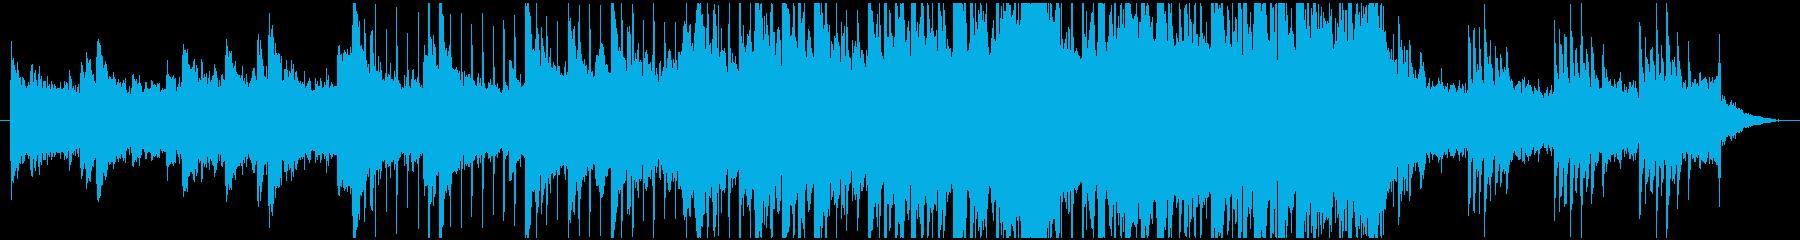 ポップ テクノ ブレイクビーツ ほ...の再生済みの波形